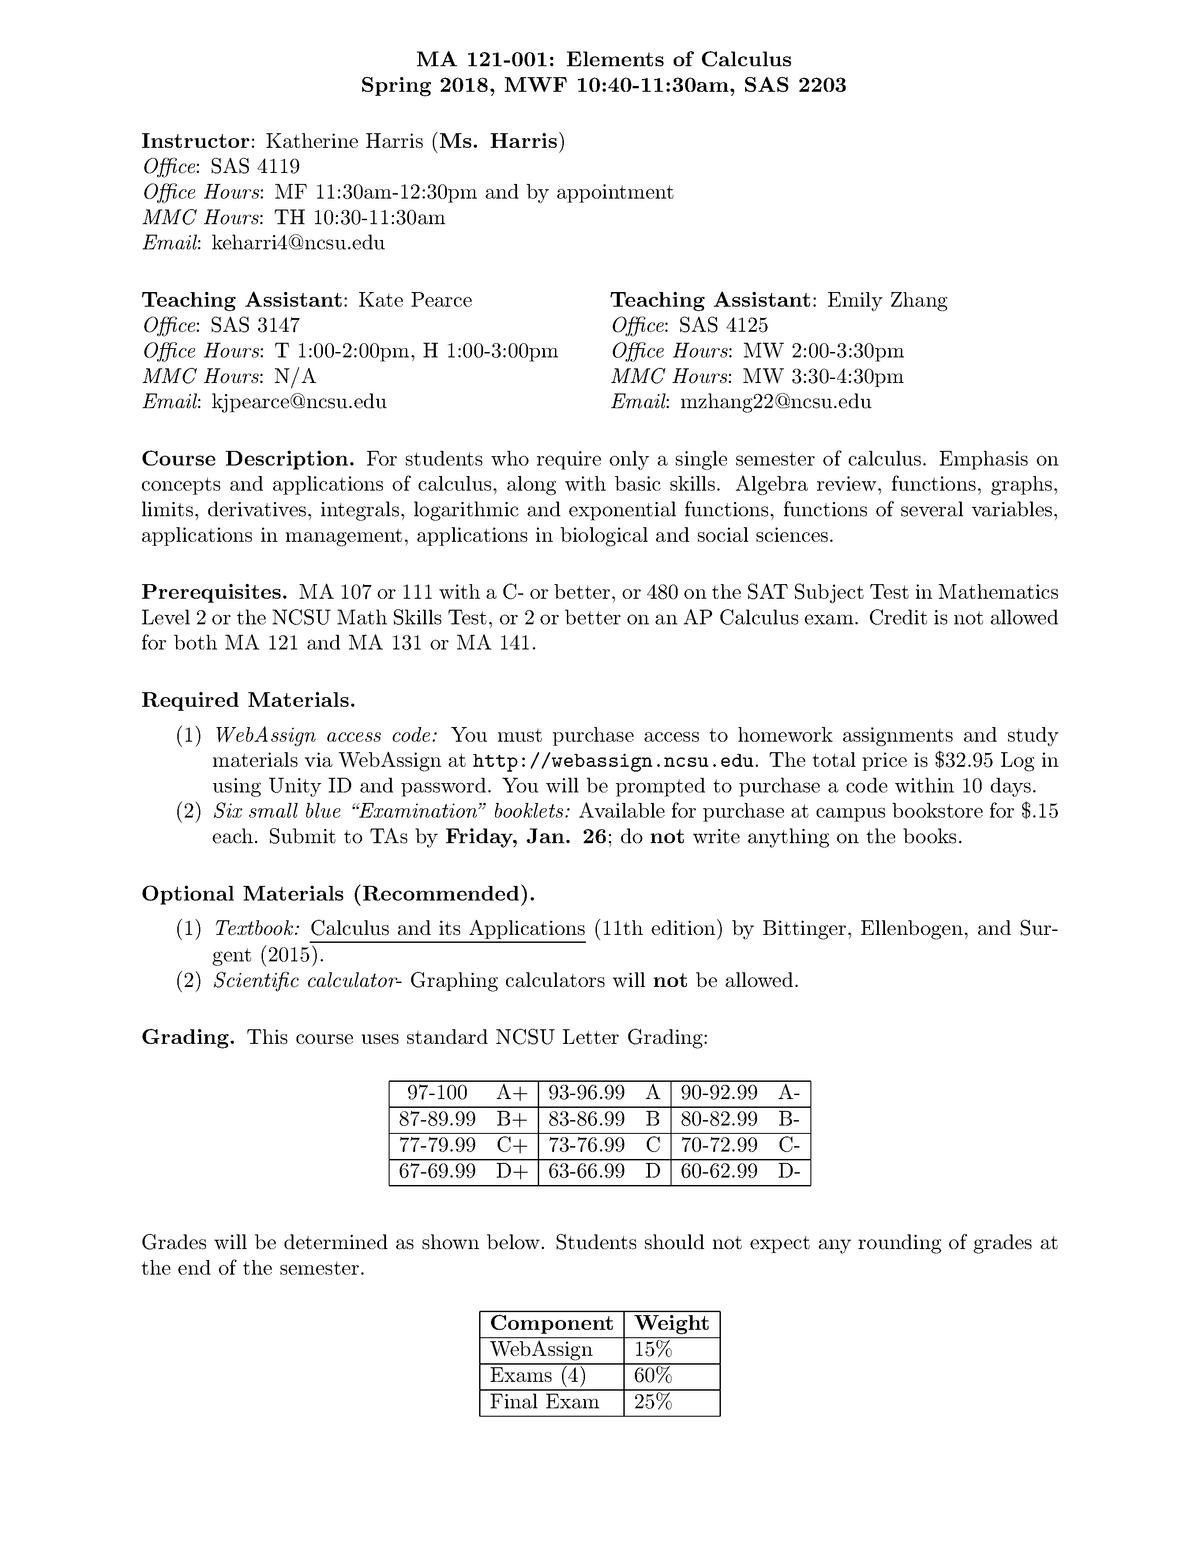 MA121-001 Spring 2018 Syllabus - MA 121: Elements of